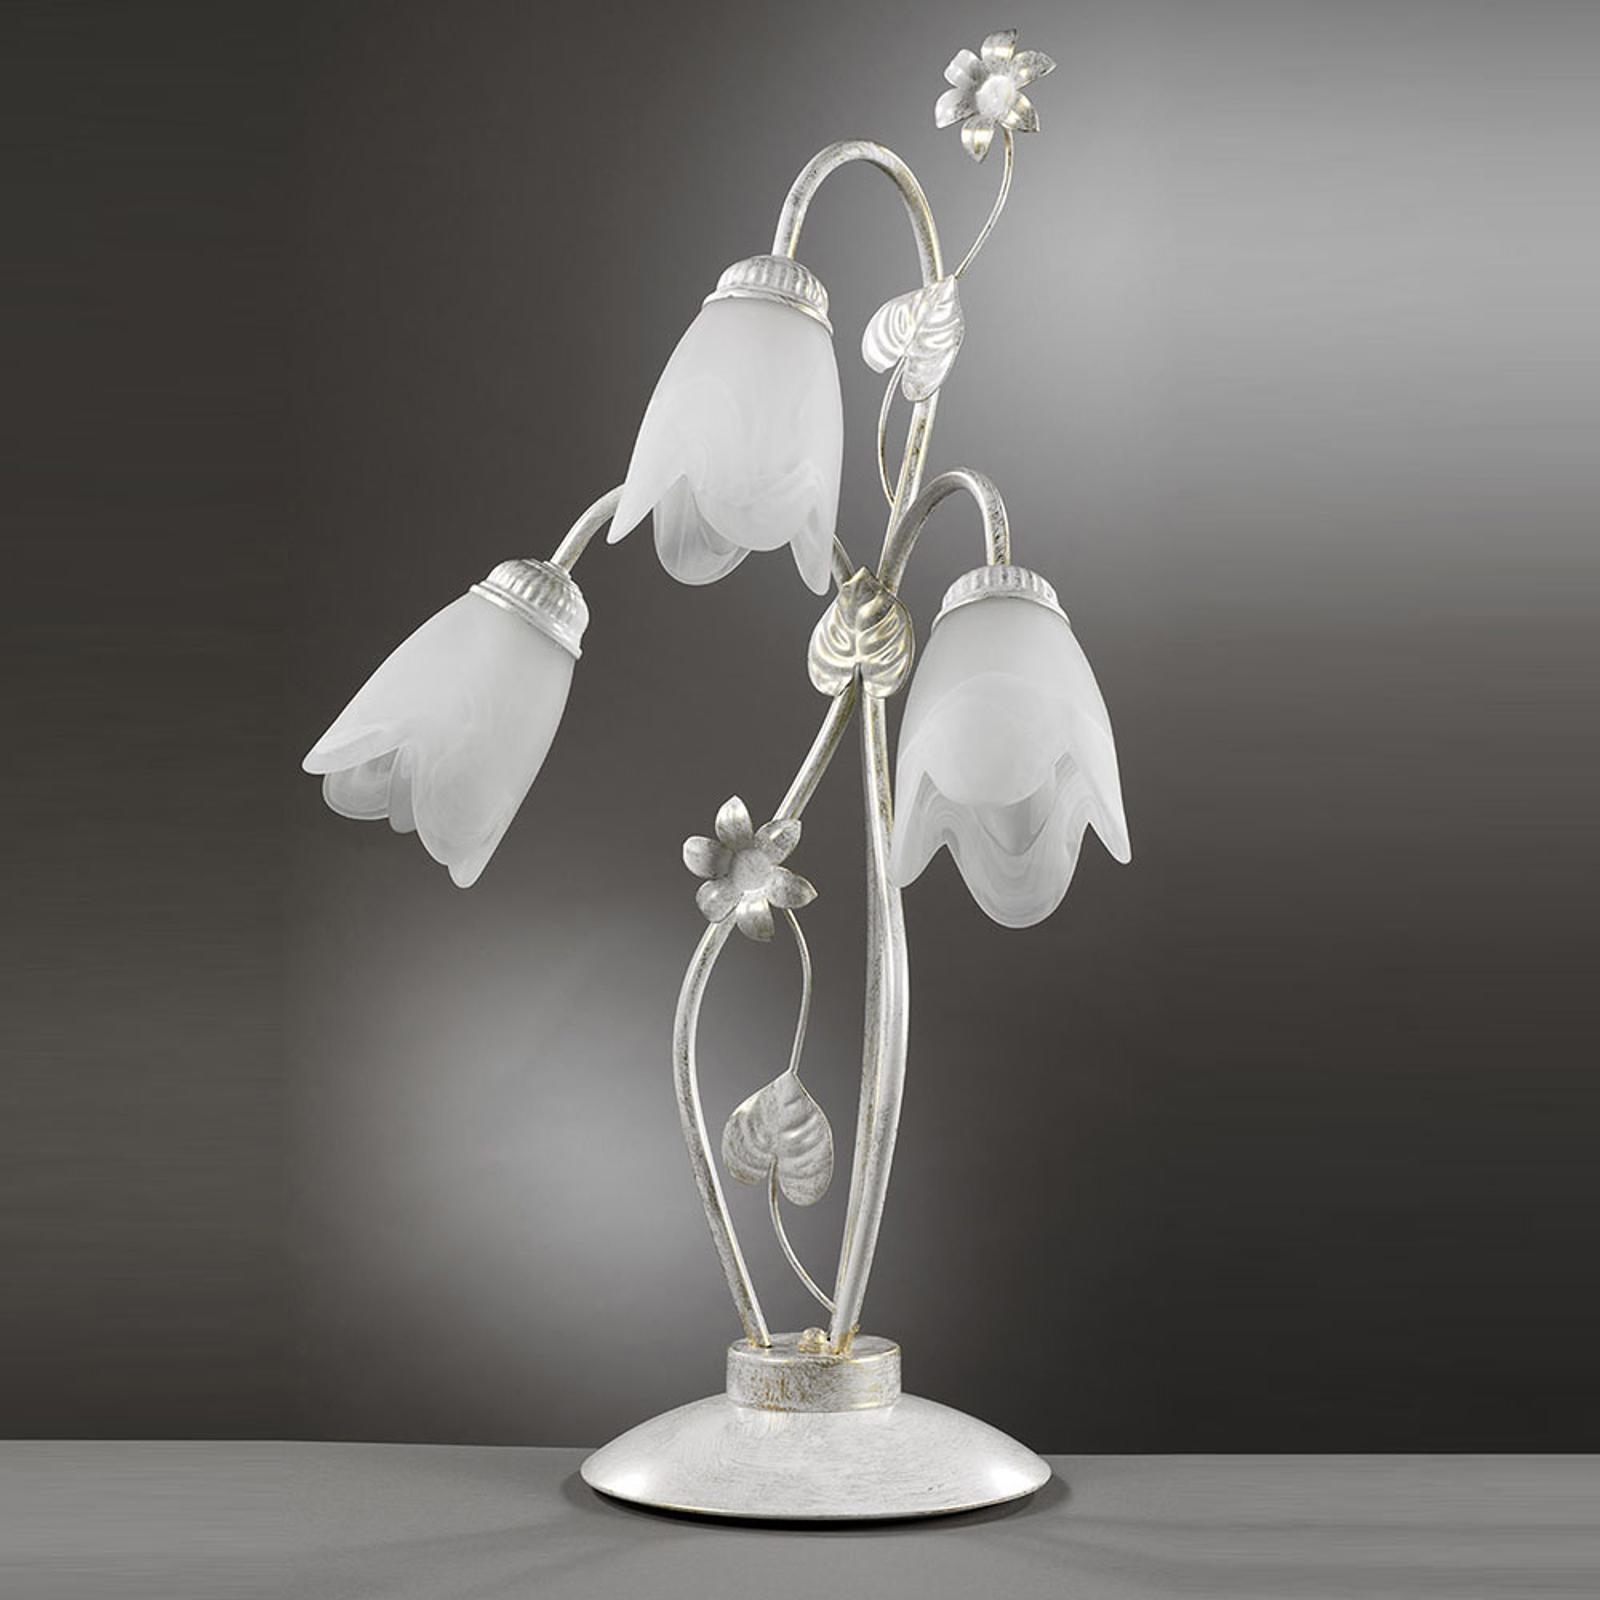 Florentijnse tafellamp Petunia, 3-lamps